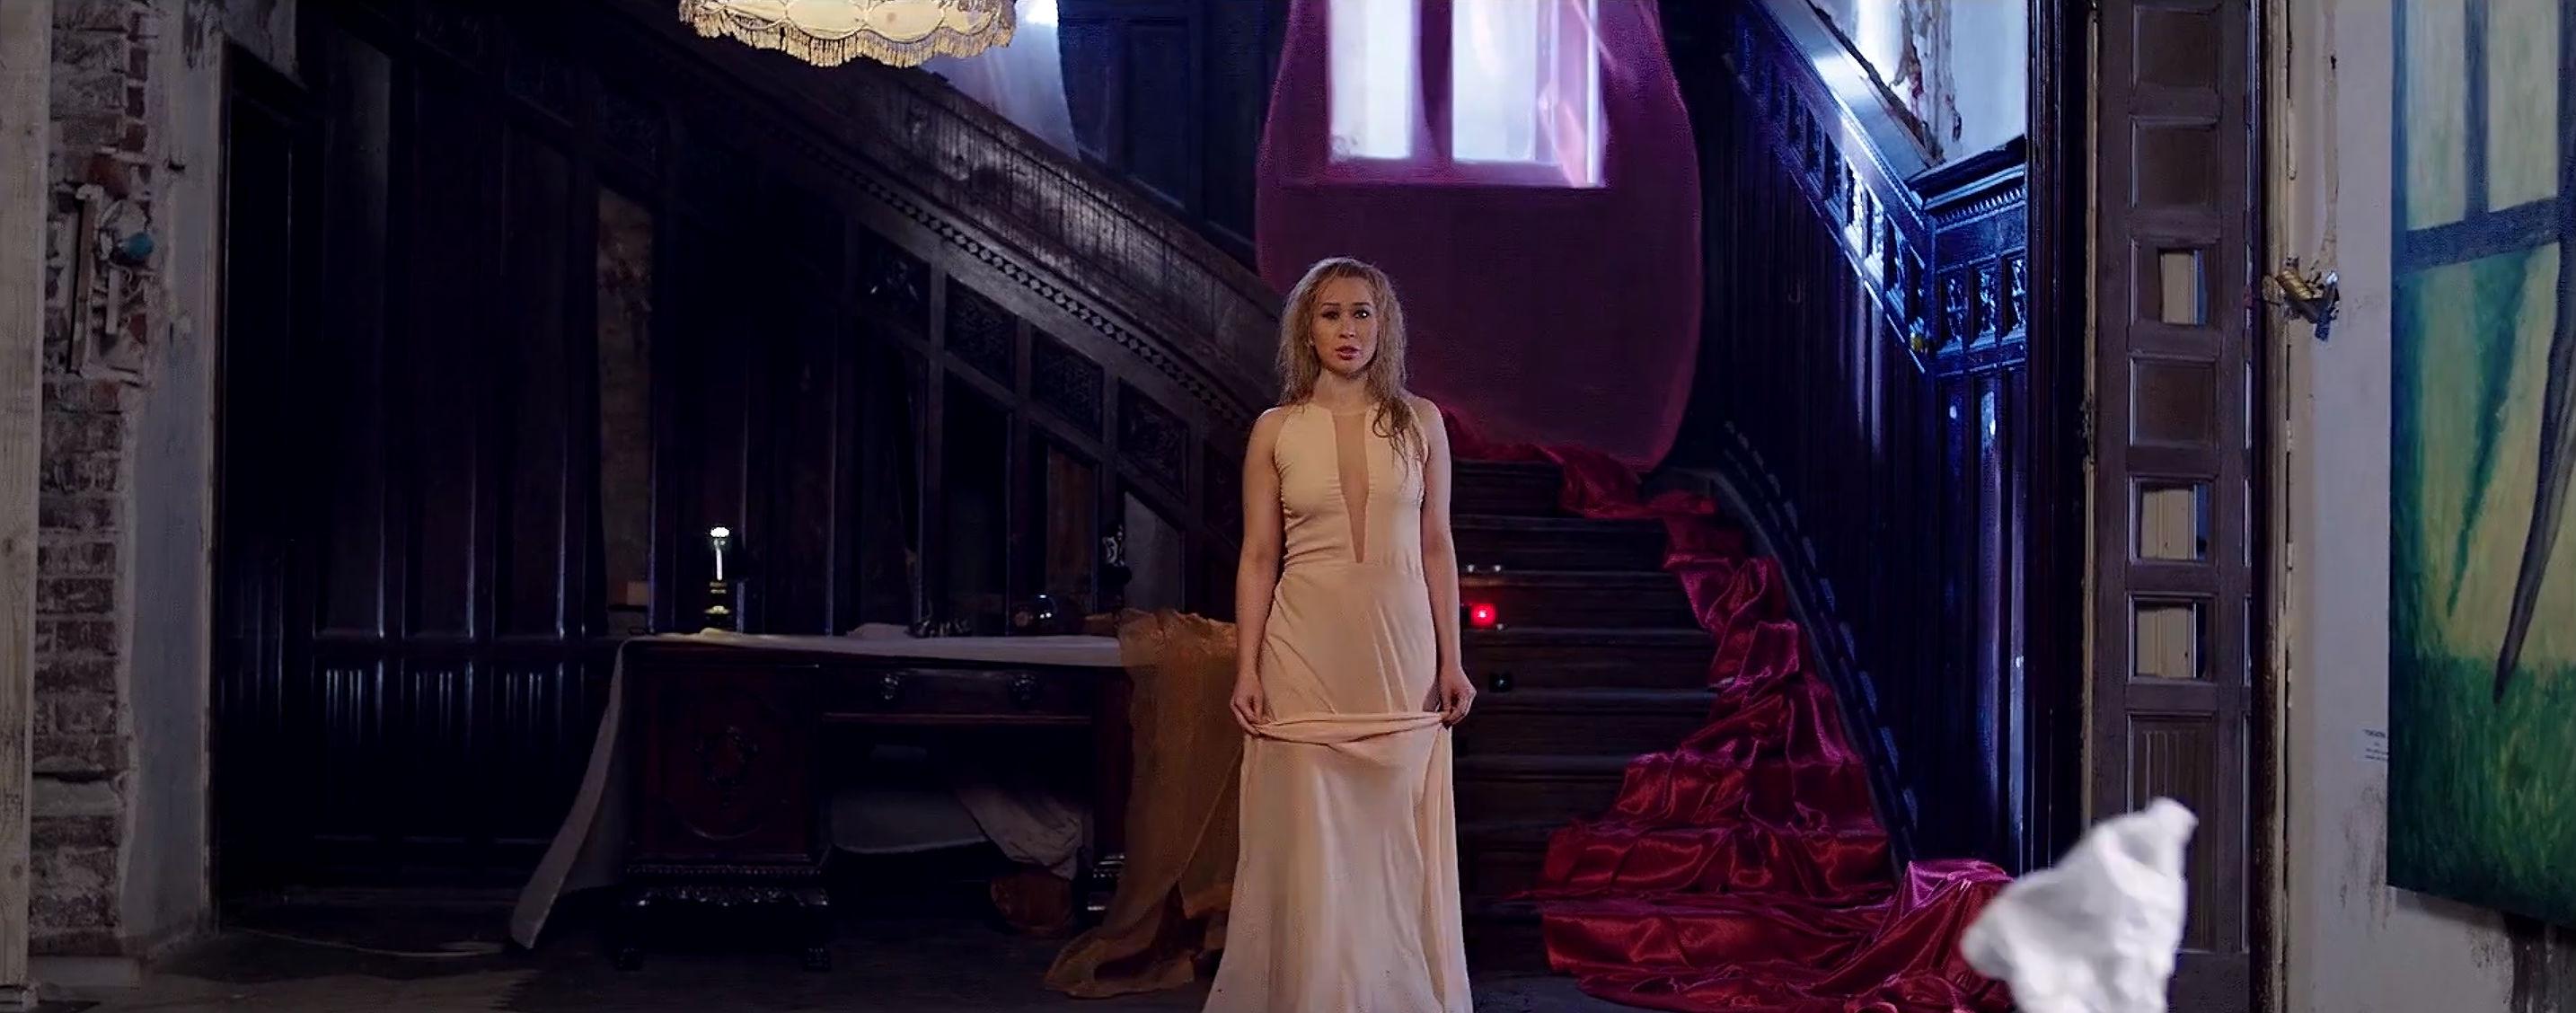 Xonia - You and I (2013) (VideoClip Original)